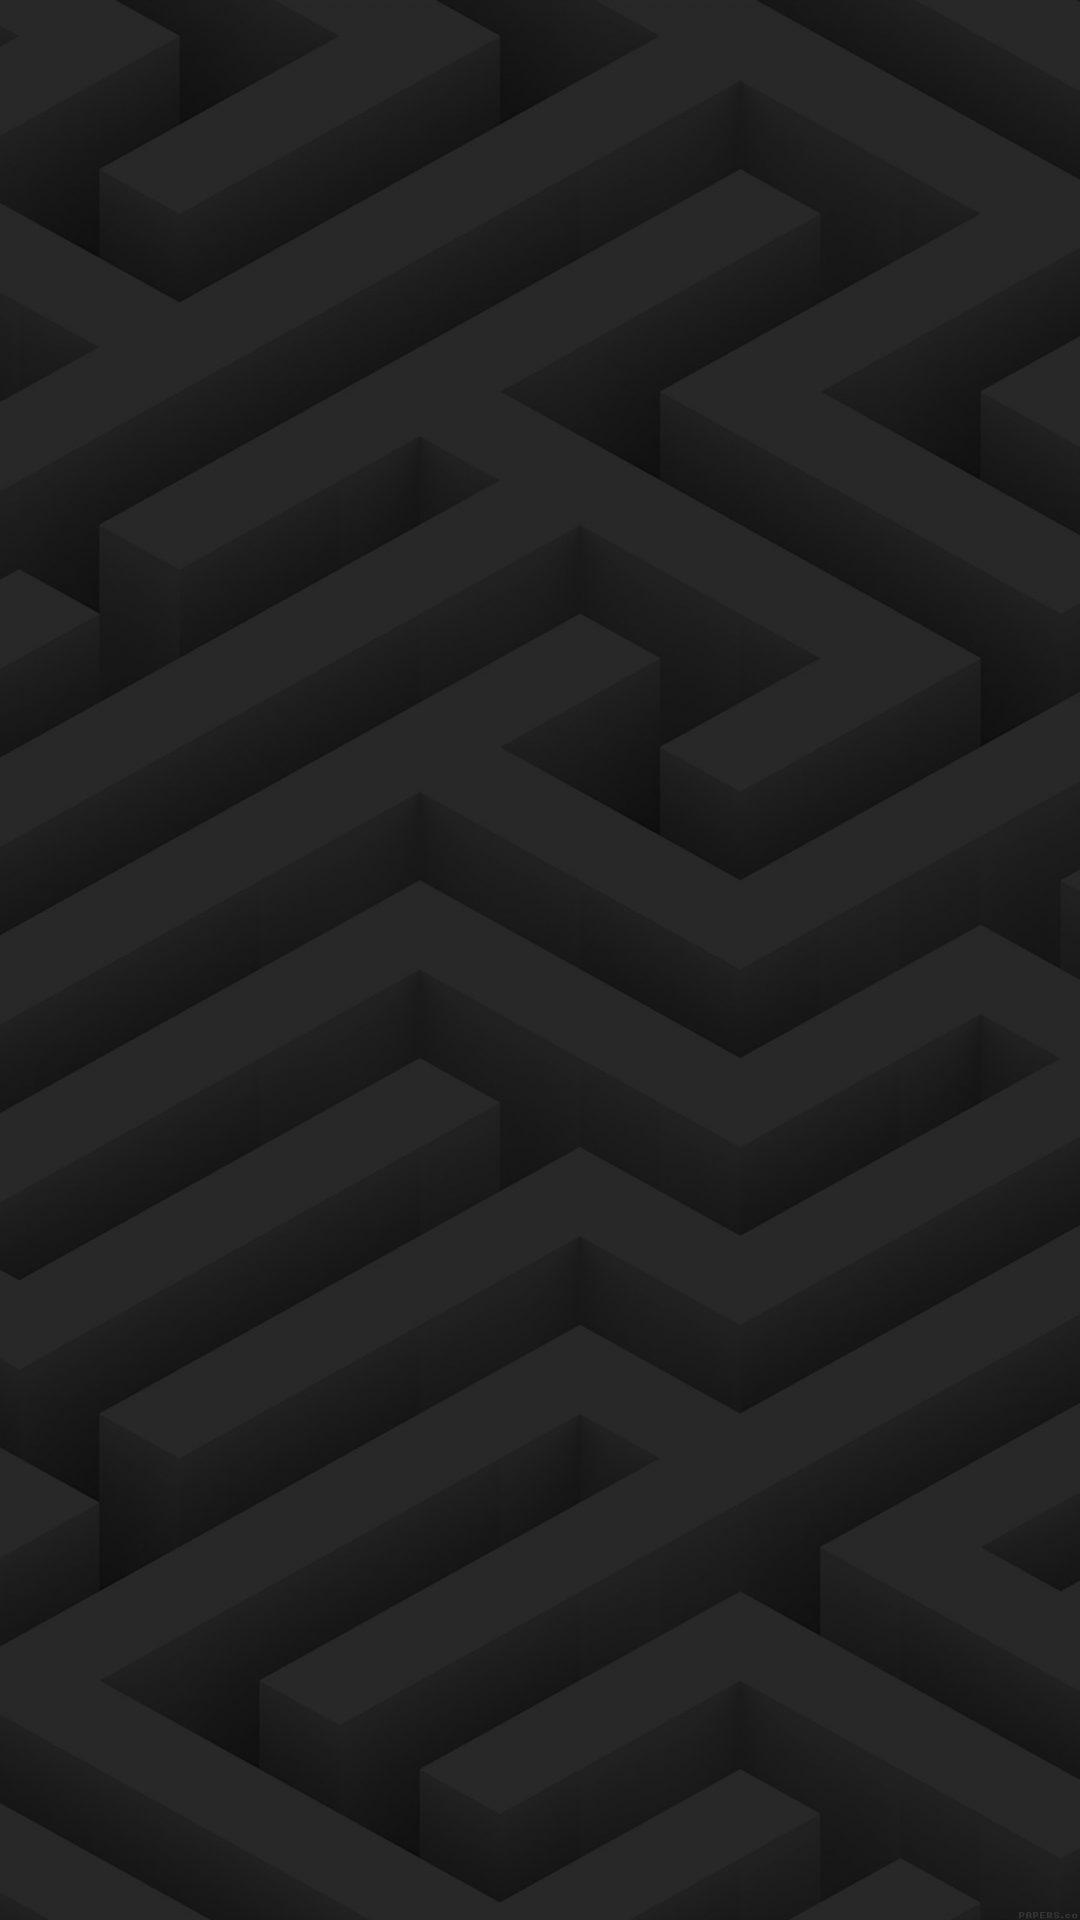 Maze Art Dark Abstract Patterns